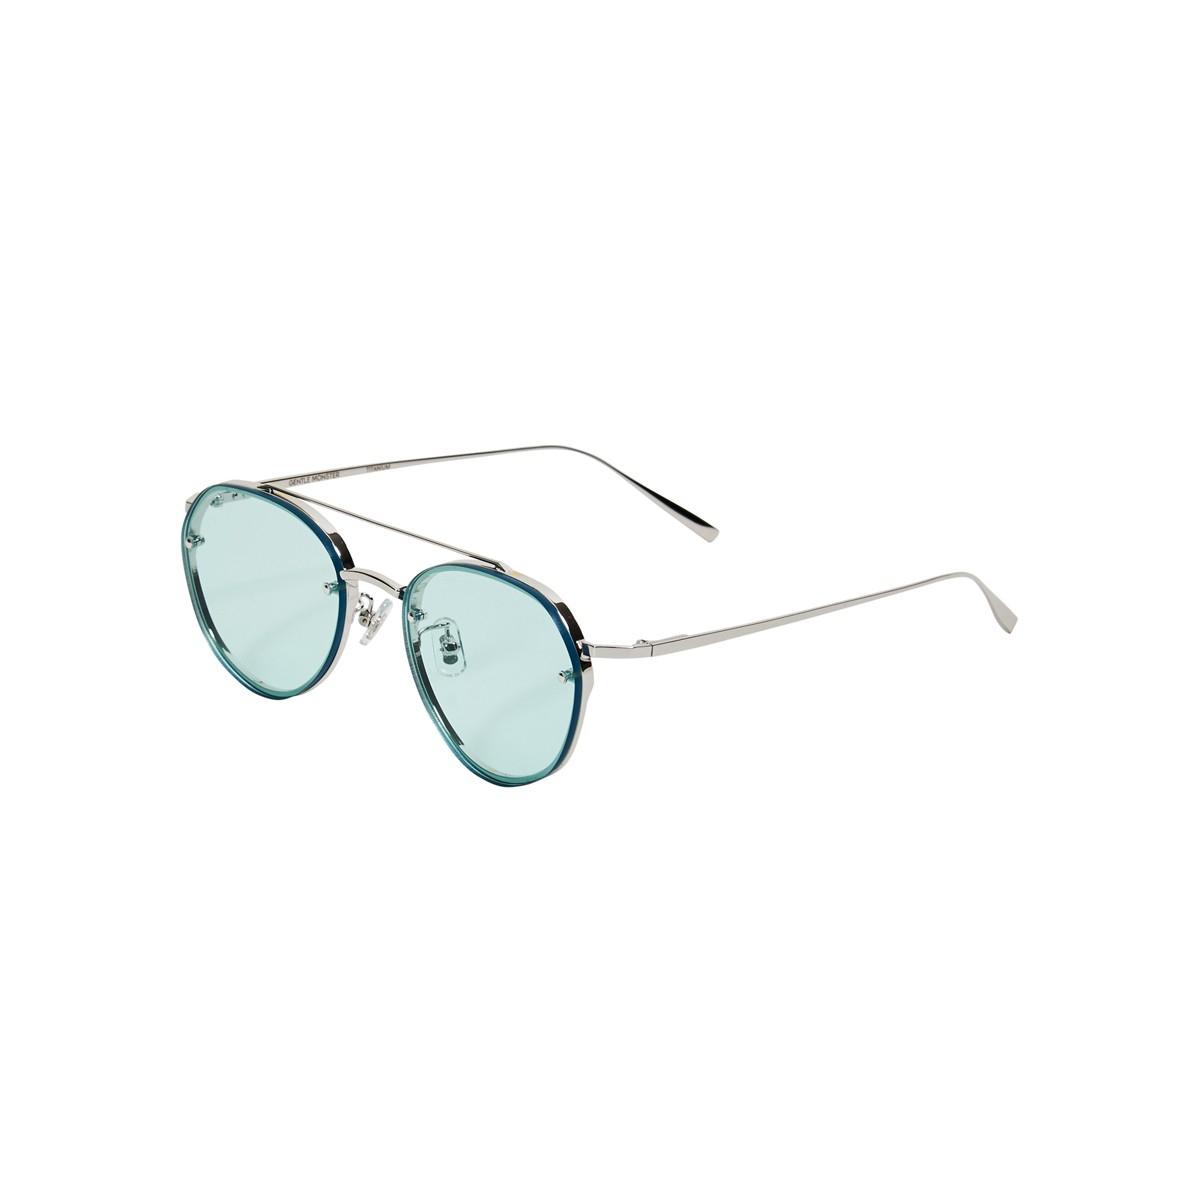 d9117f9d0b58c Gentle Monster Debby s 02(e) Sunglasses in Blue - Lyst